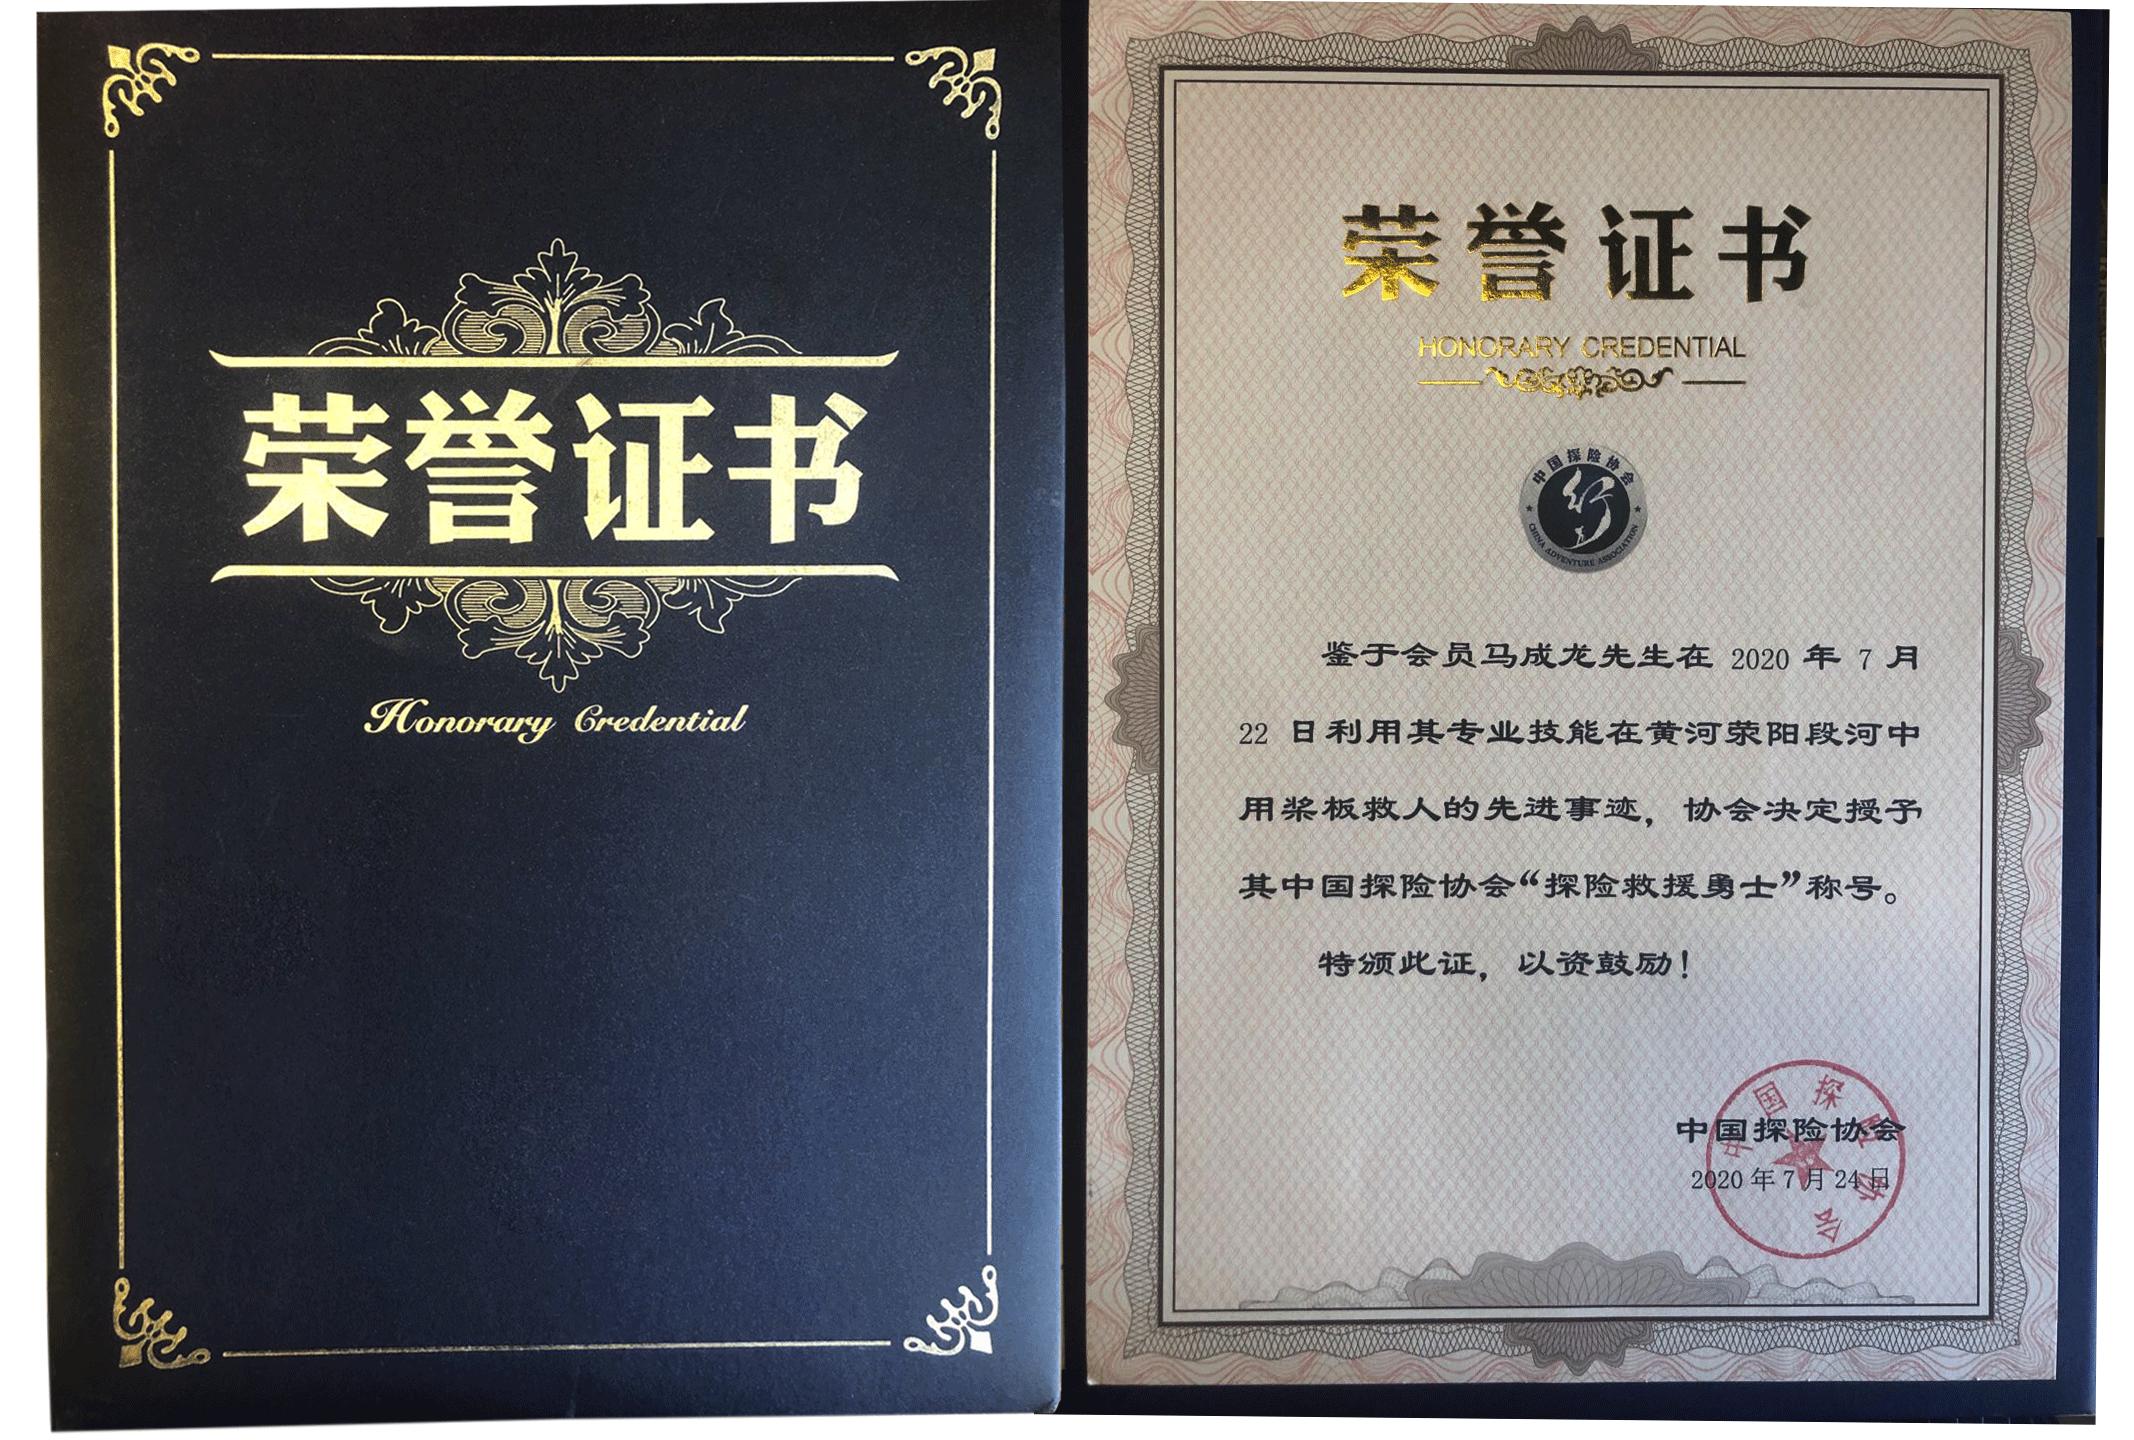 """中国探险协会授予会员马成龙""""探险救援勇士""""称号"""